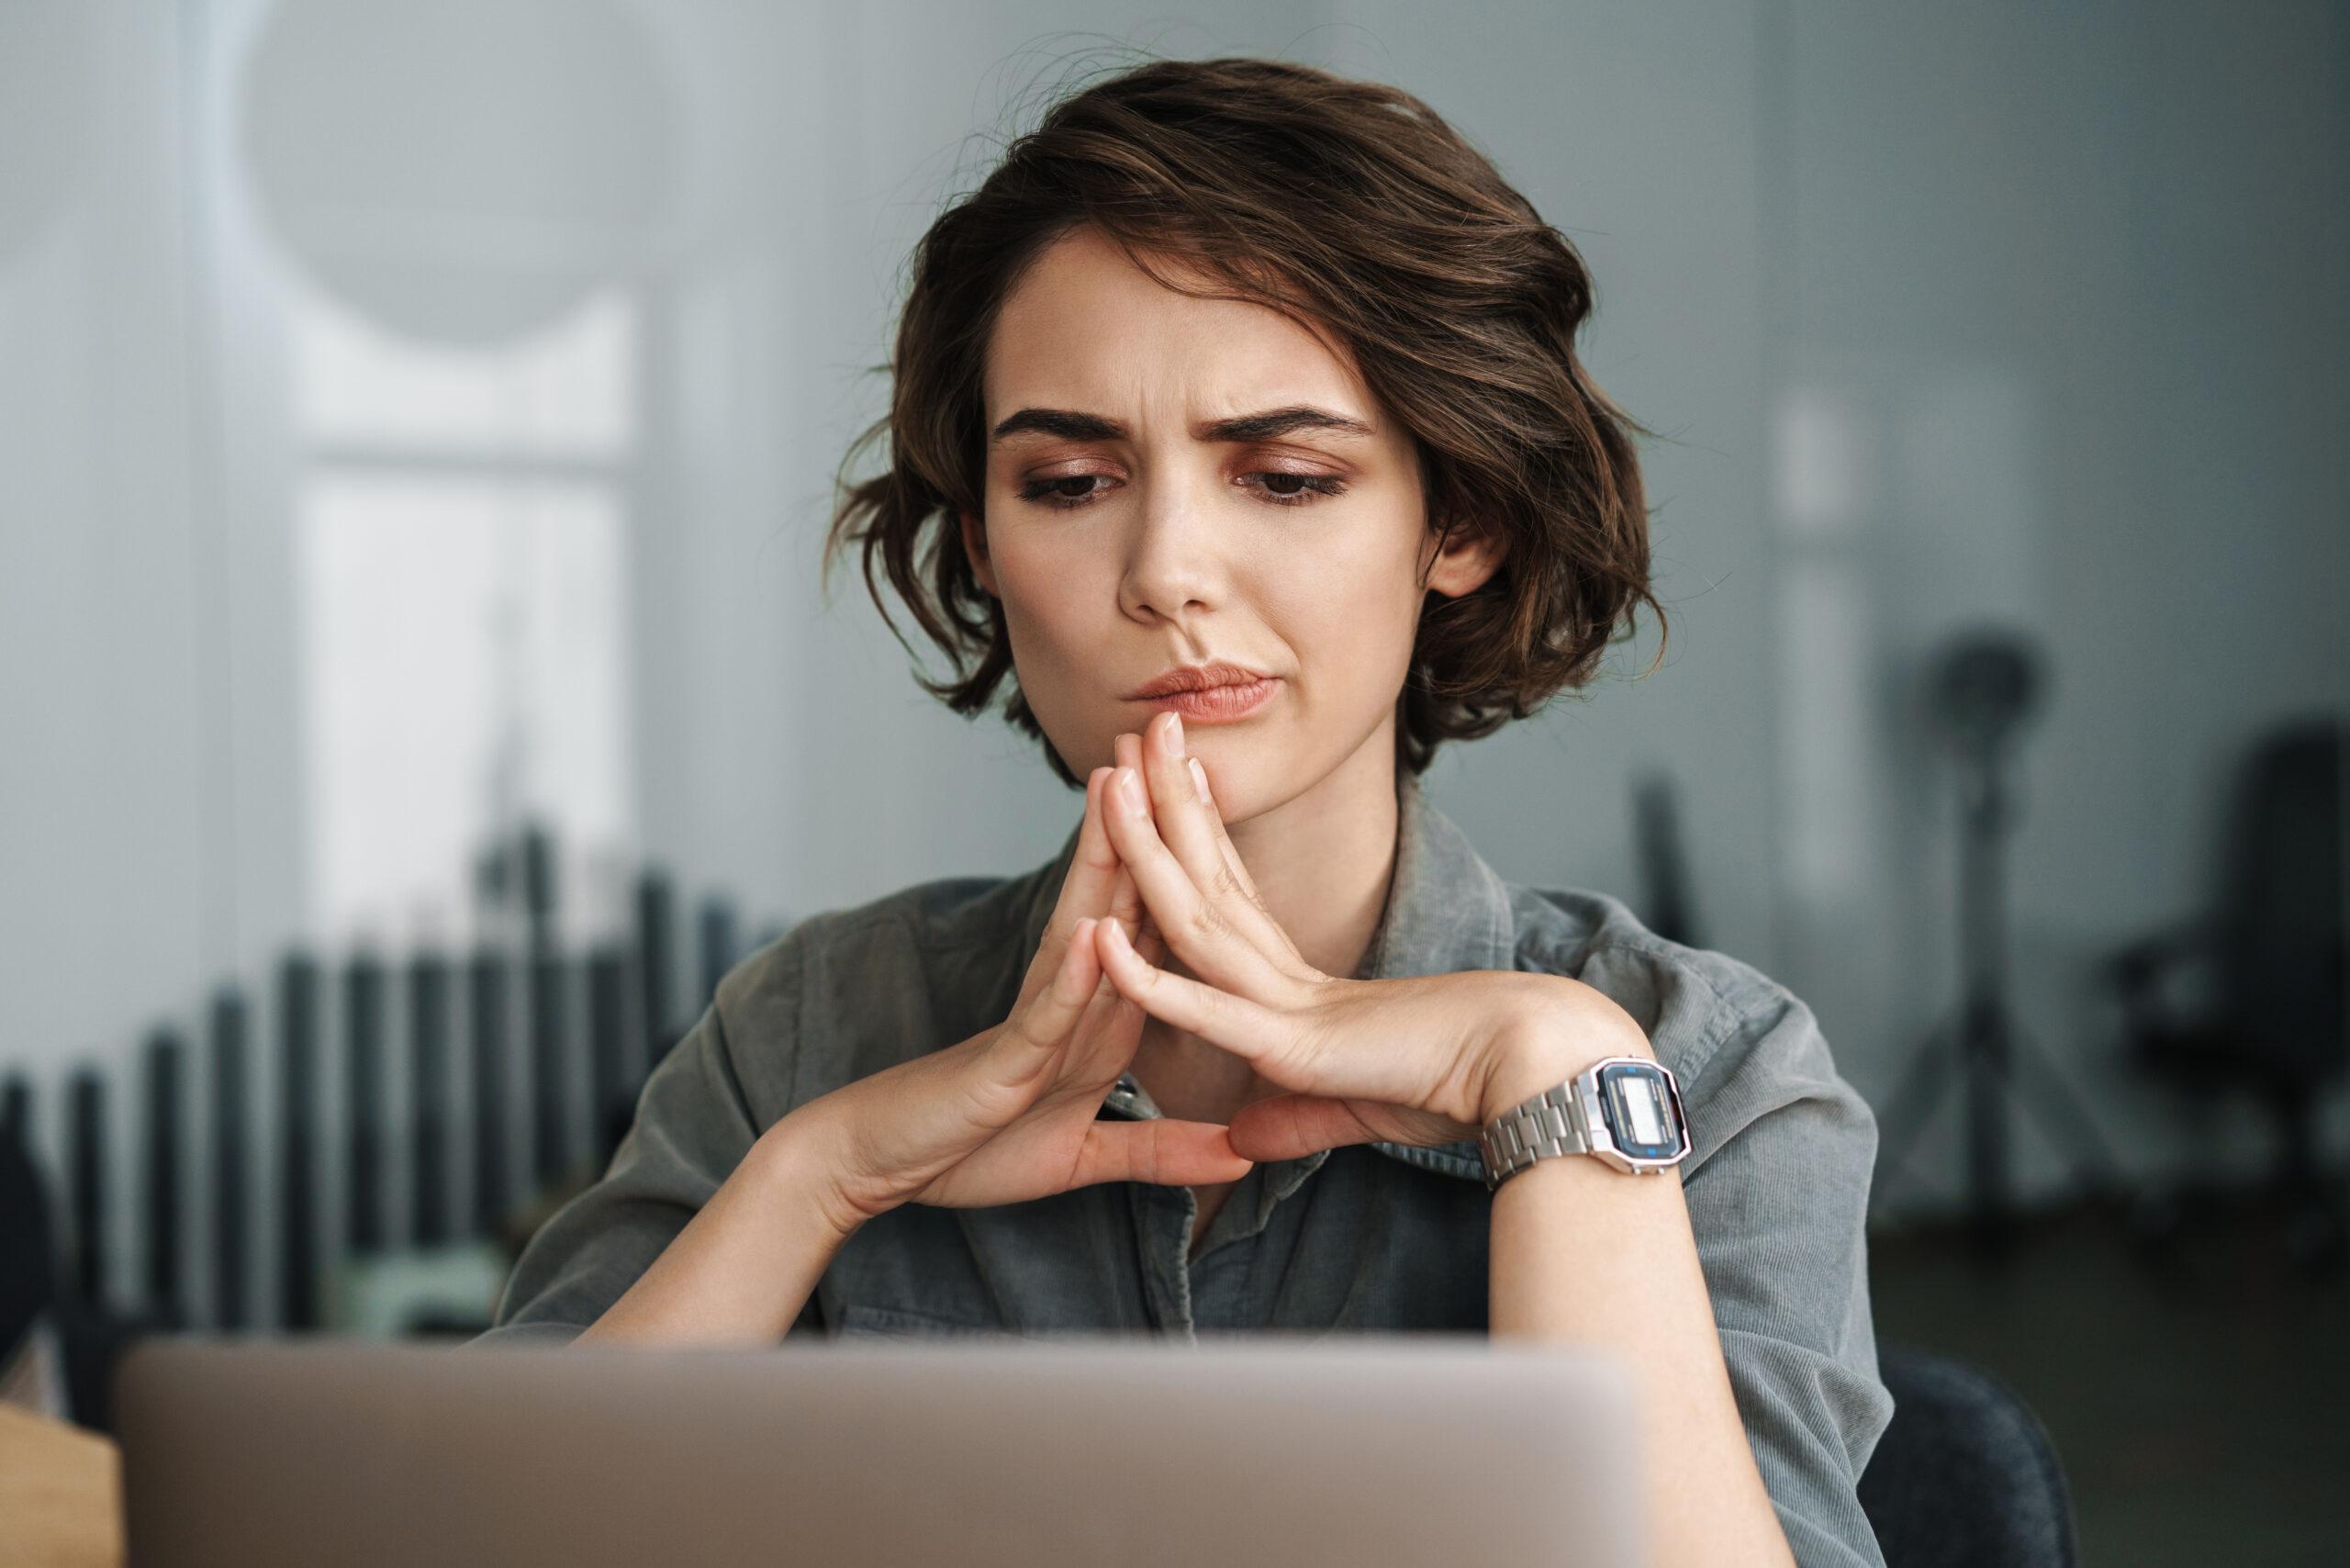 pohdiskeleva tummahiuksinen nainen istuu tietokoneen ääressä